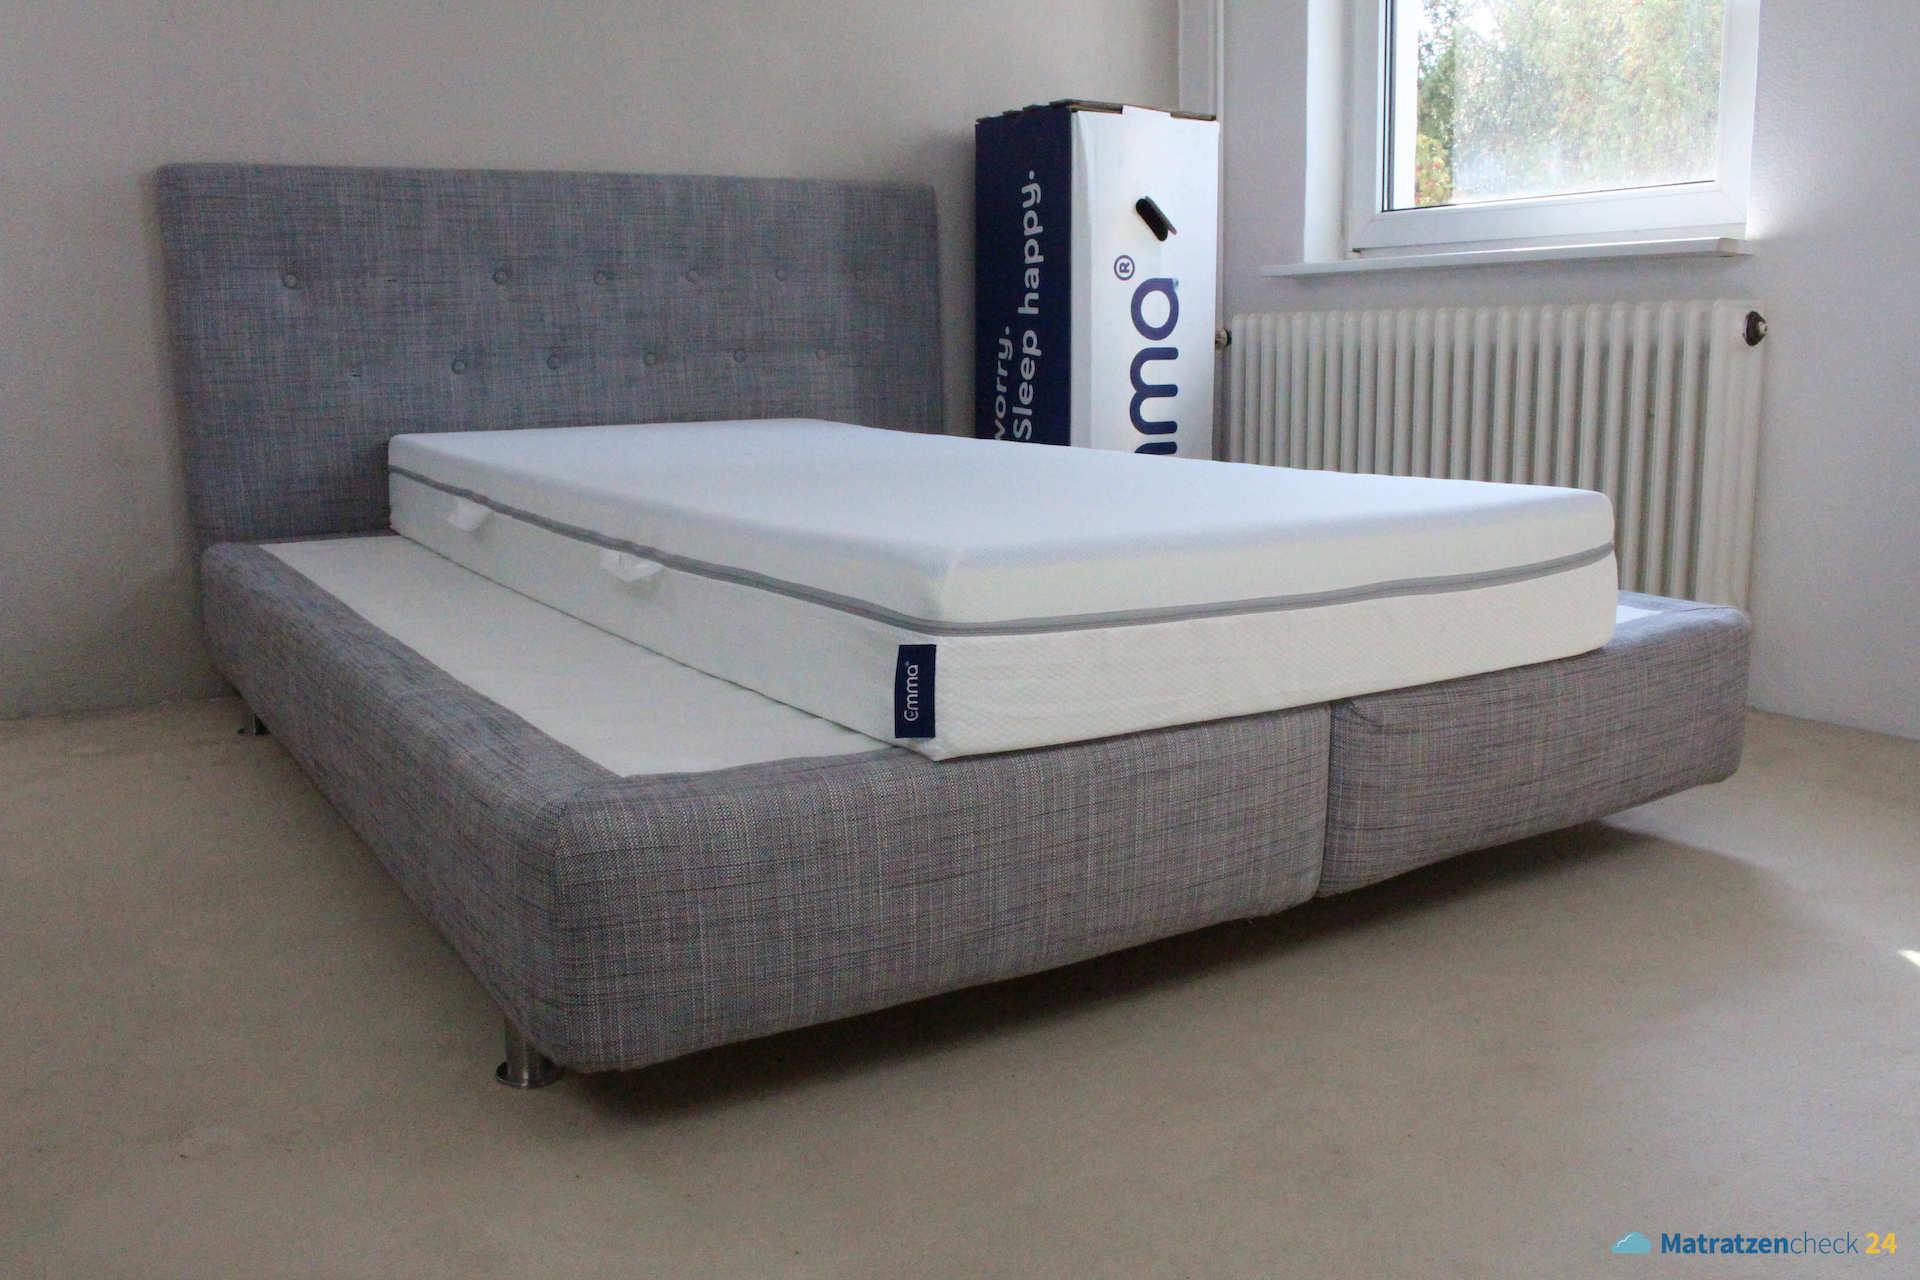 Emma One Matratze 90x200 cm auf dem Bett